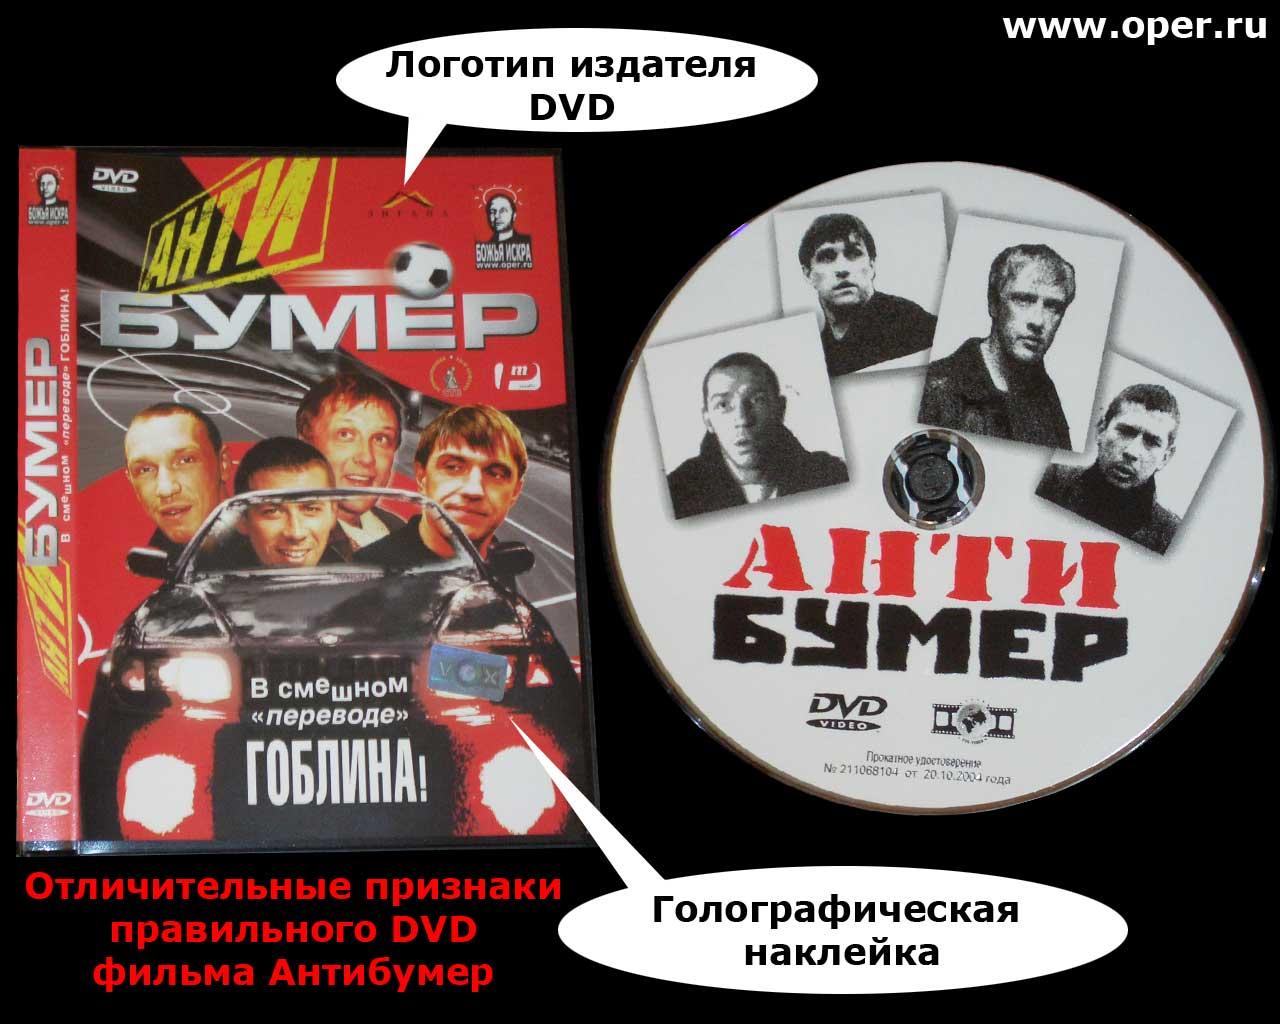 Правильный DVD Антибумера